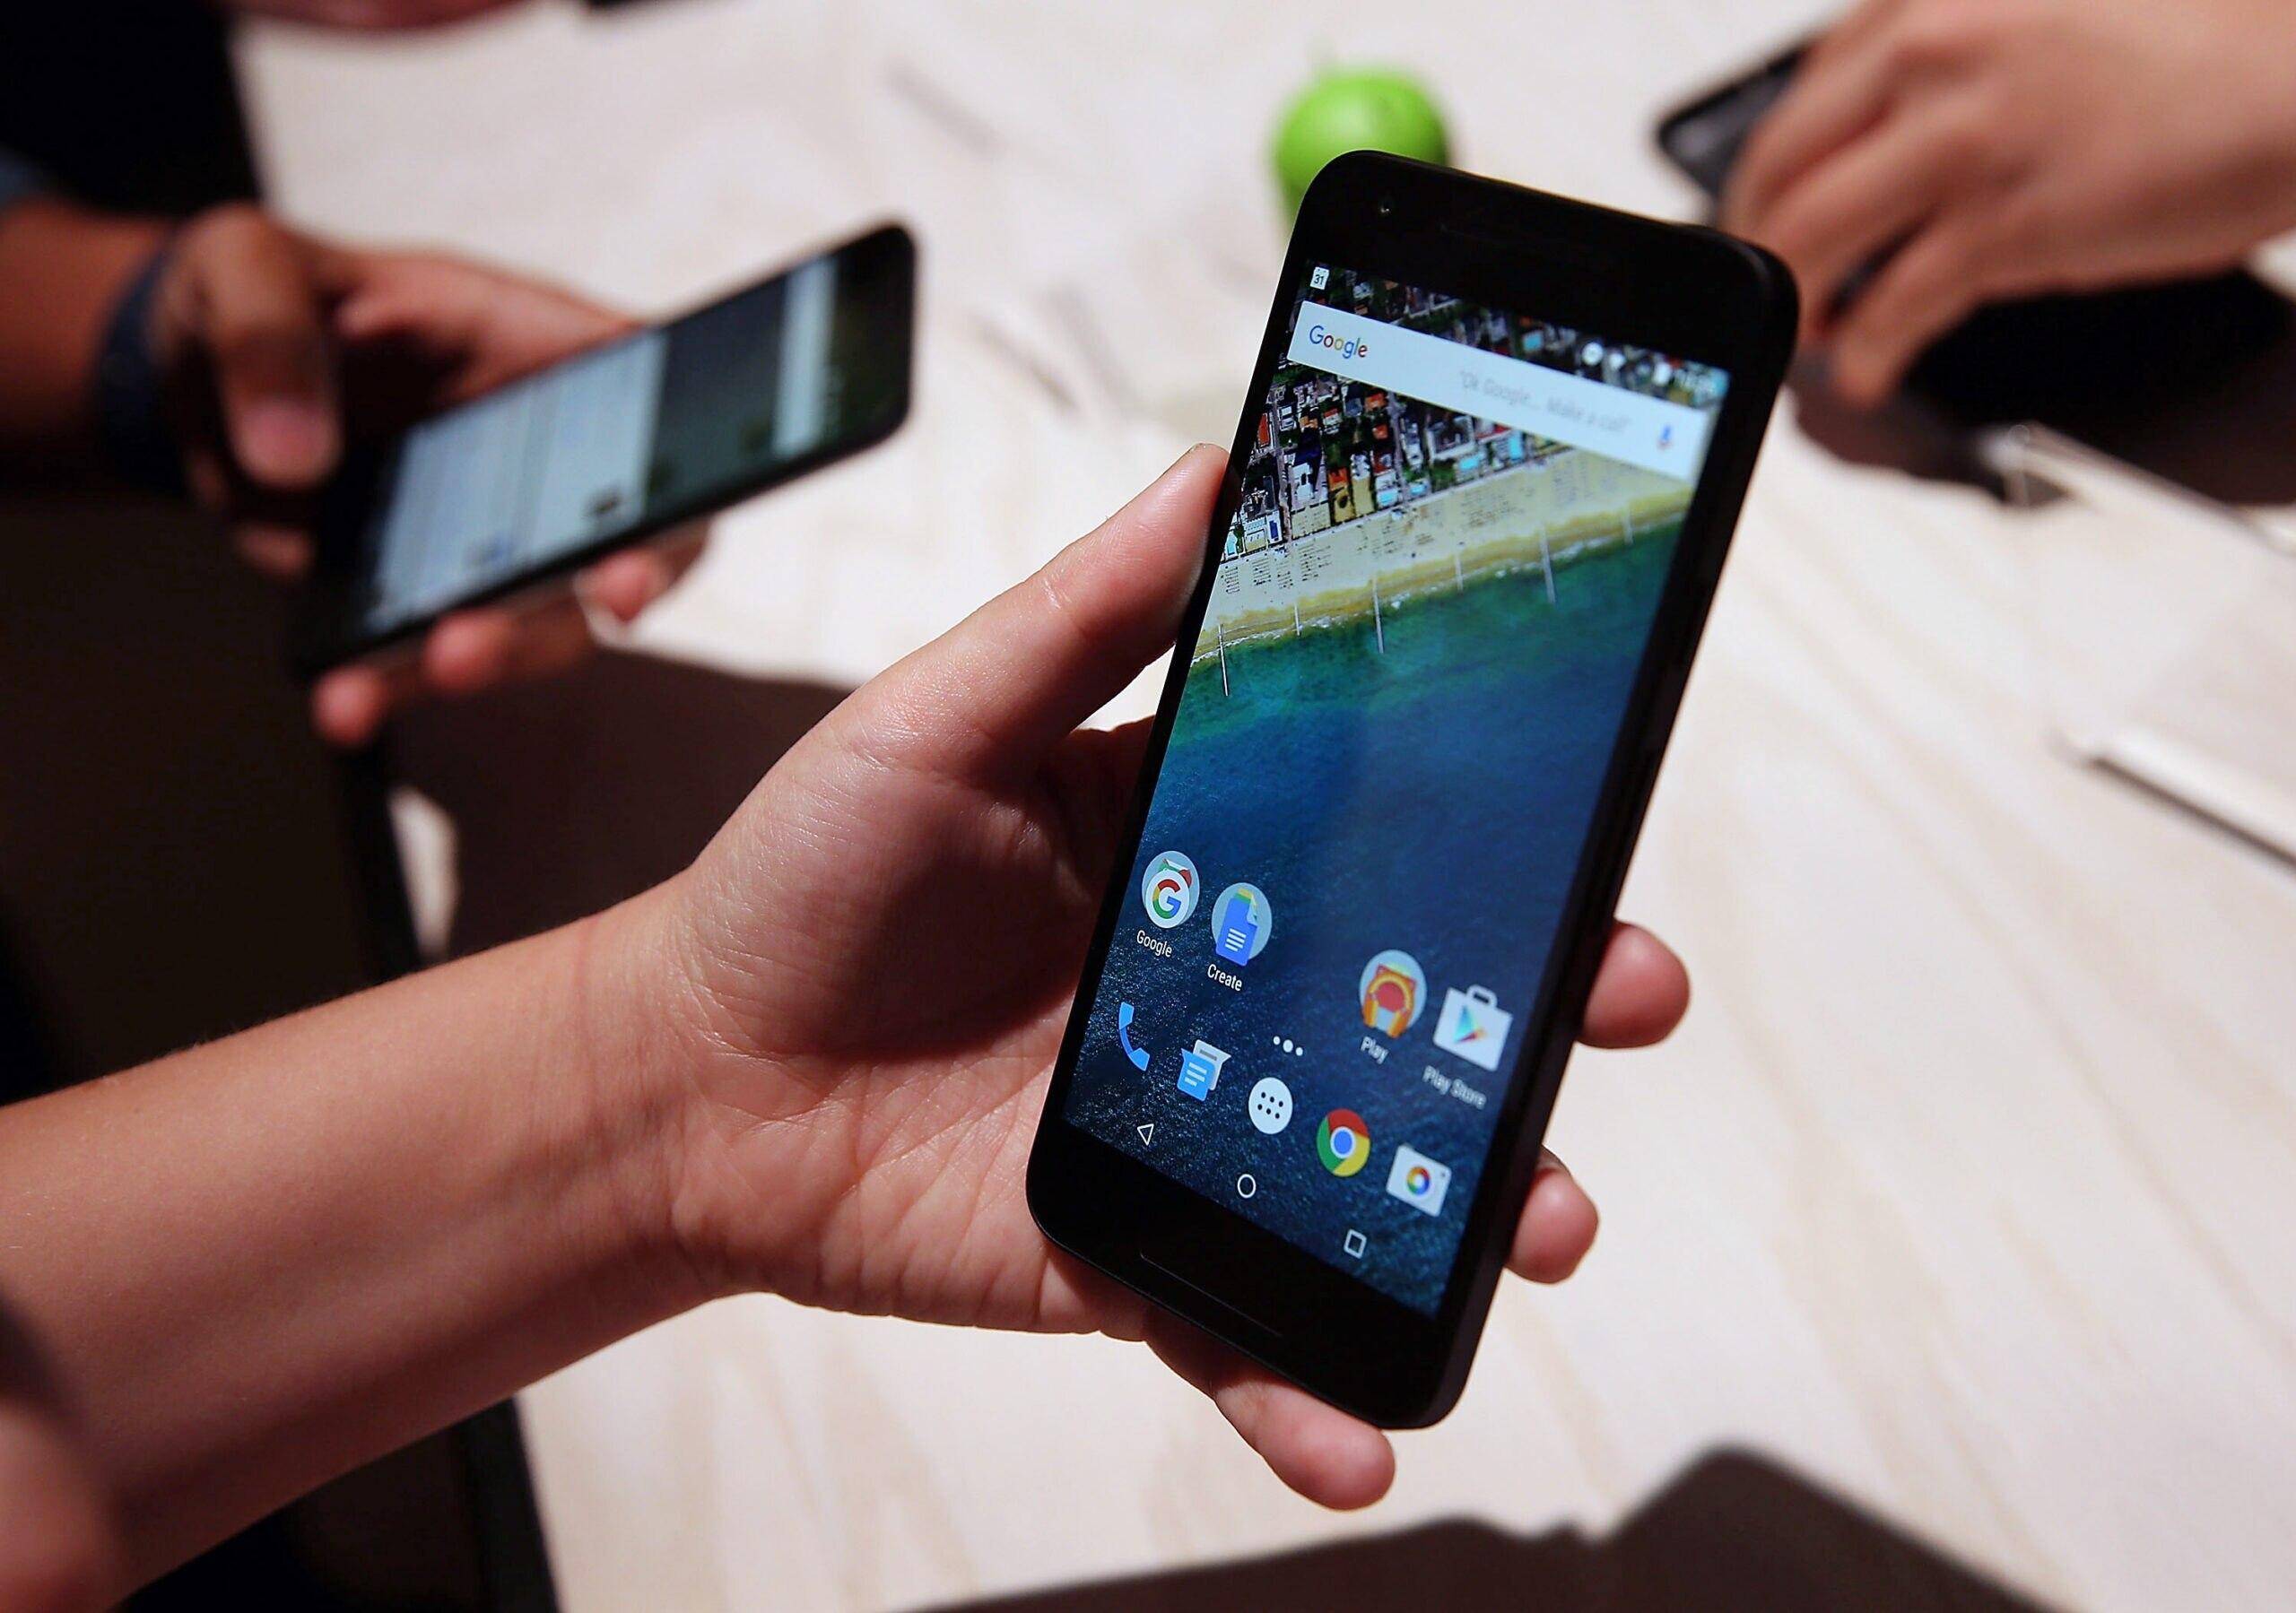 Jetzt löschen! Beliebte Android-App installiert Schadsoftware - TECHBOOK